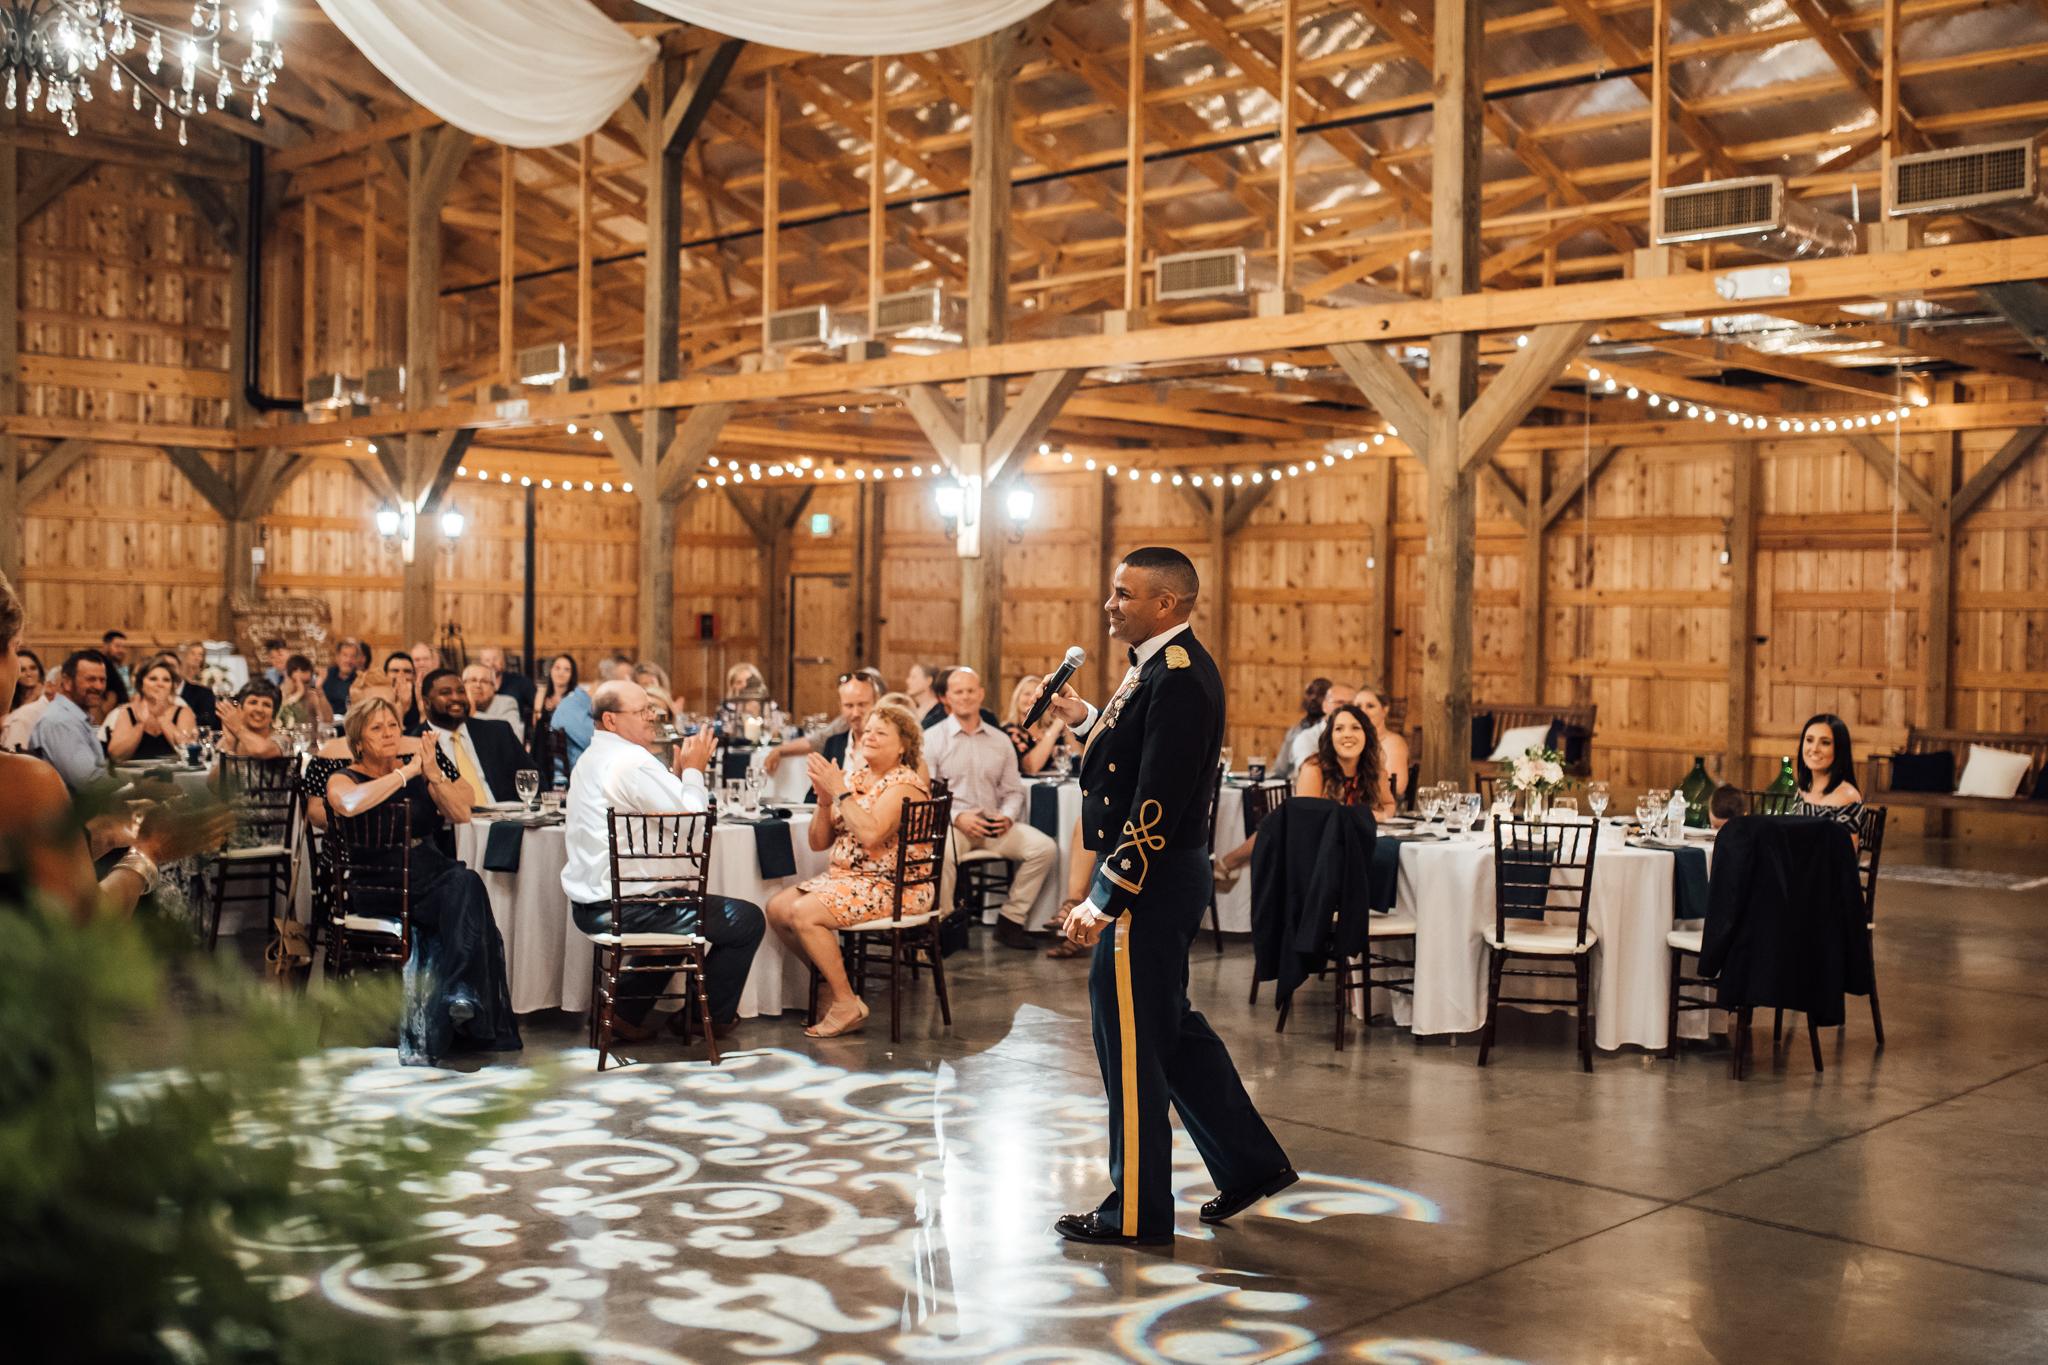 saddlewoodsfarms-nashville-wedding-photographer-thewarmtharoundyou-rustic-wedding (215 of 251).jpg